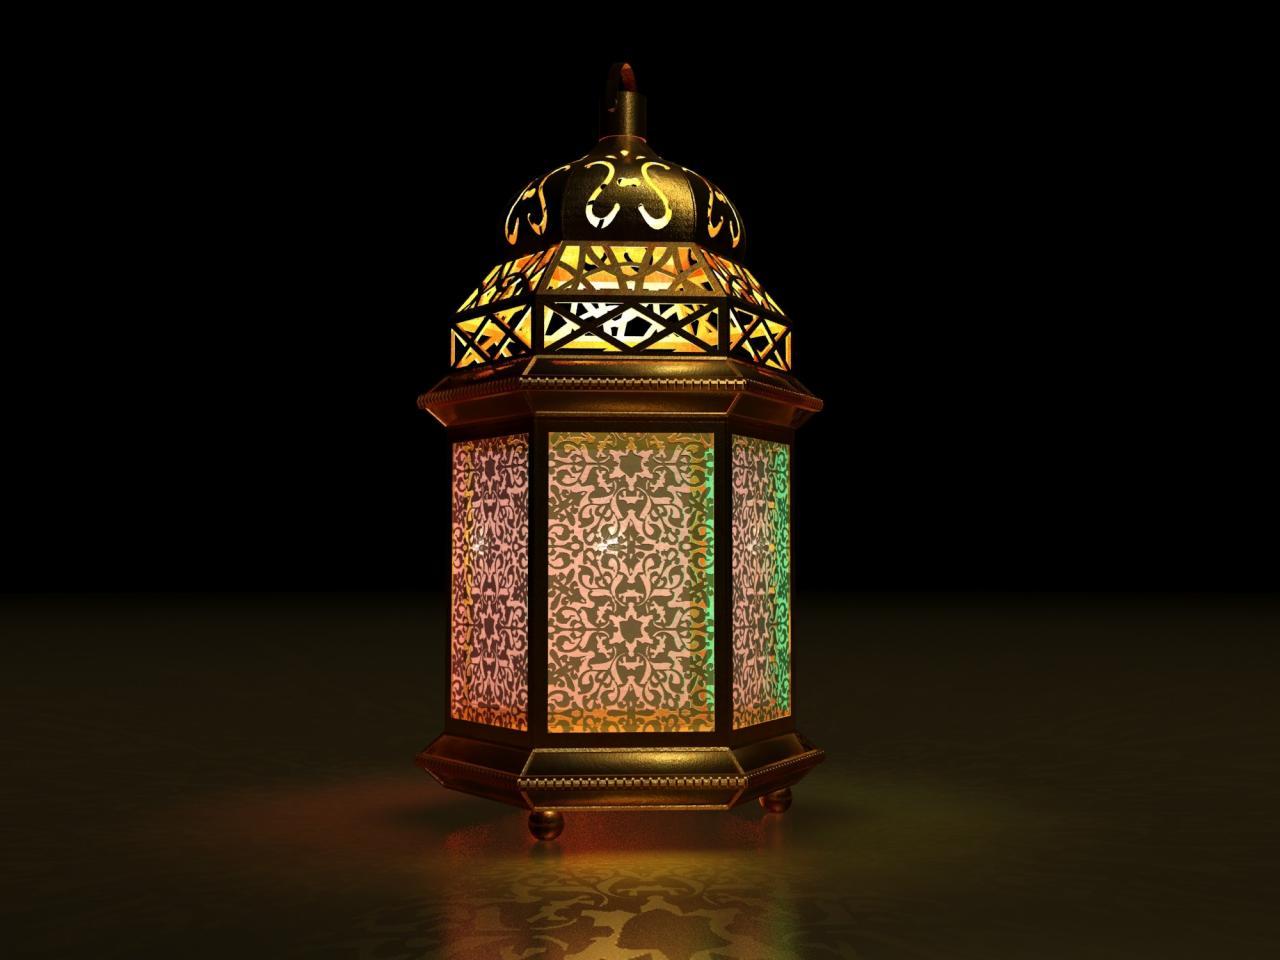 صورة اشكال فوانيس رمضان 4105 5